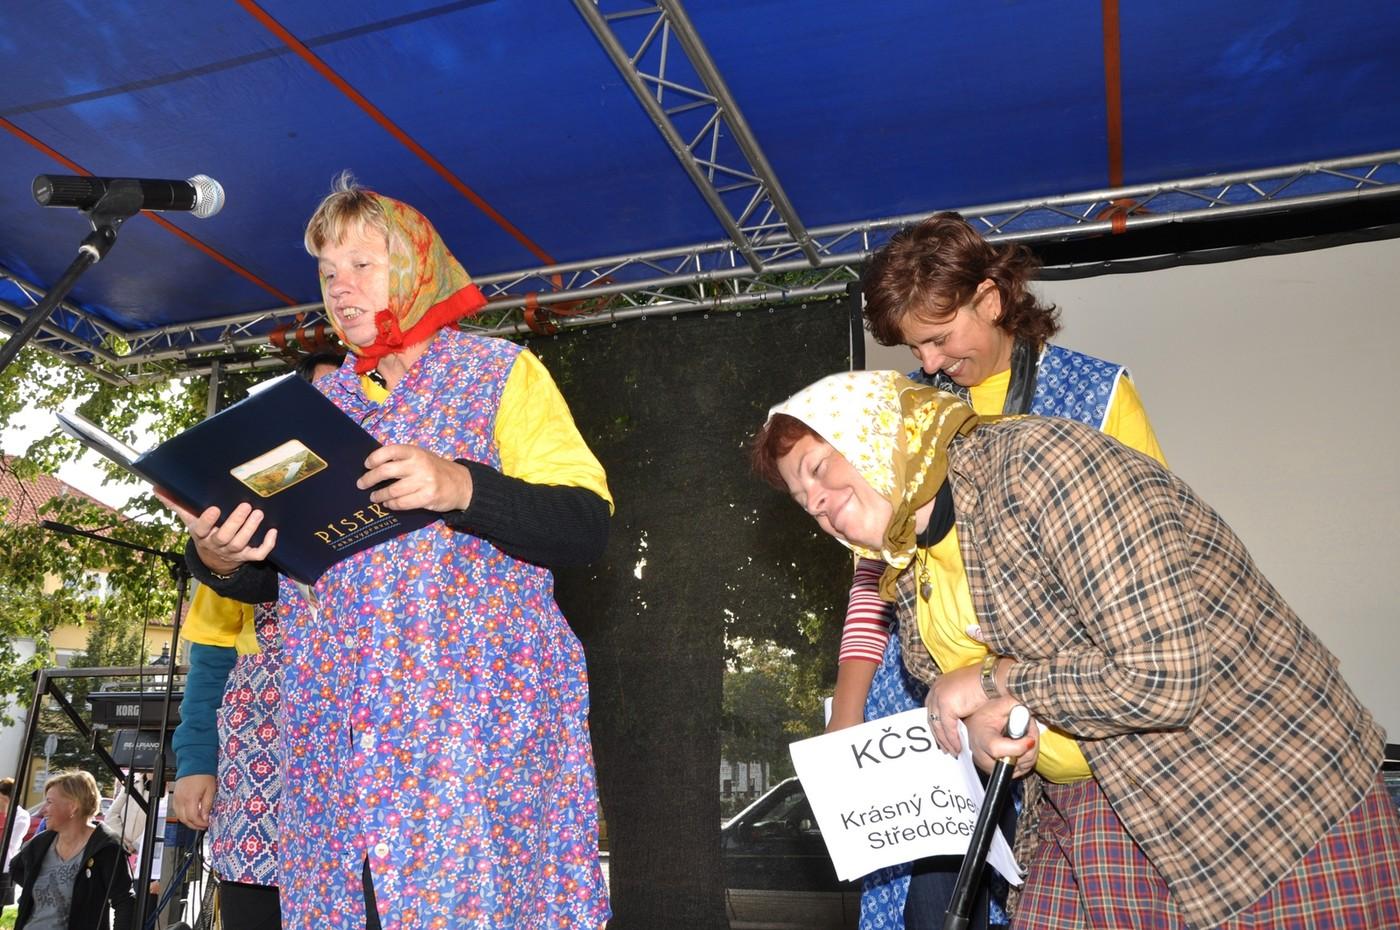 Vítězem soutěží se stalo družstvo knihovnic ze středních Čech s příznačným jménem KČSky – Krásný čiperný Středočešky